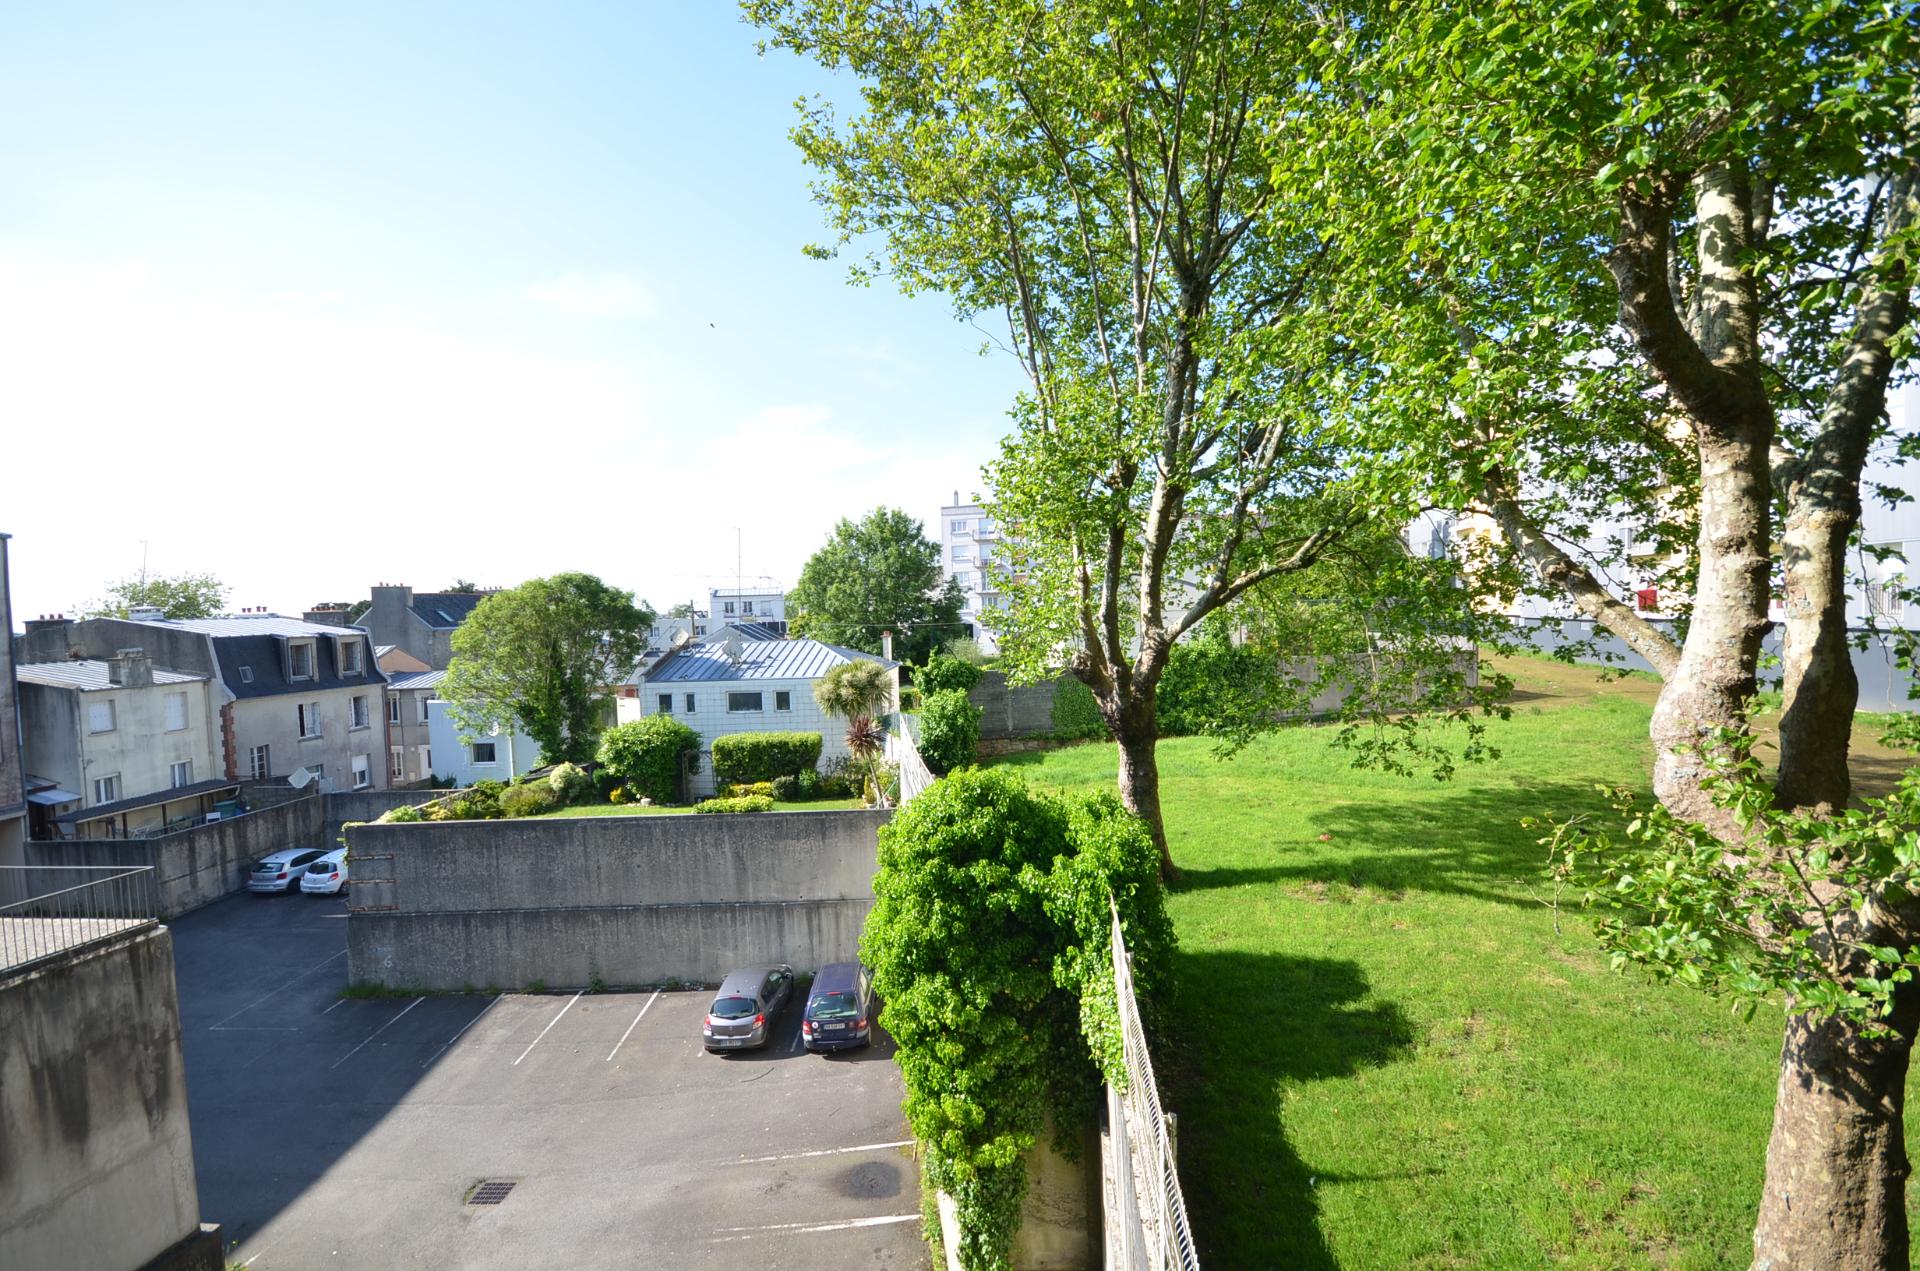 Offre d'achat acceptée - BREST : appartement T2 (34 m²) à vendre